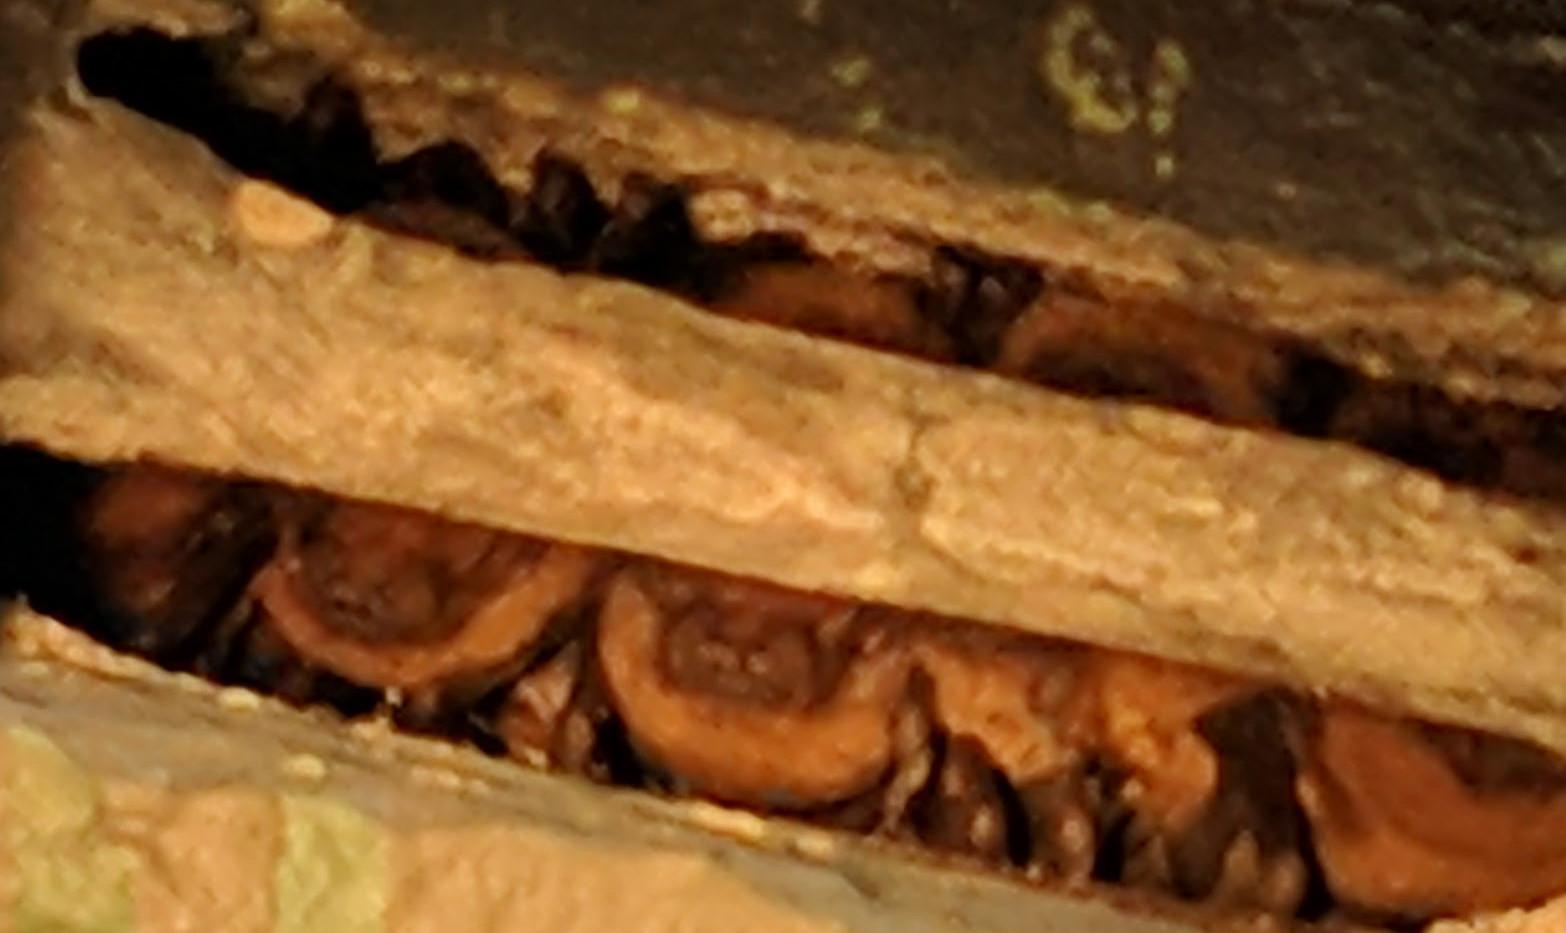 noctules in bat box